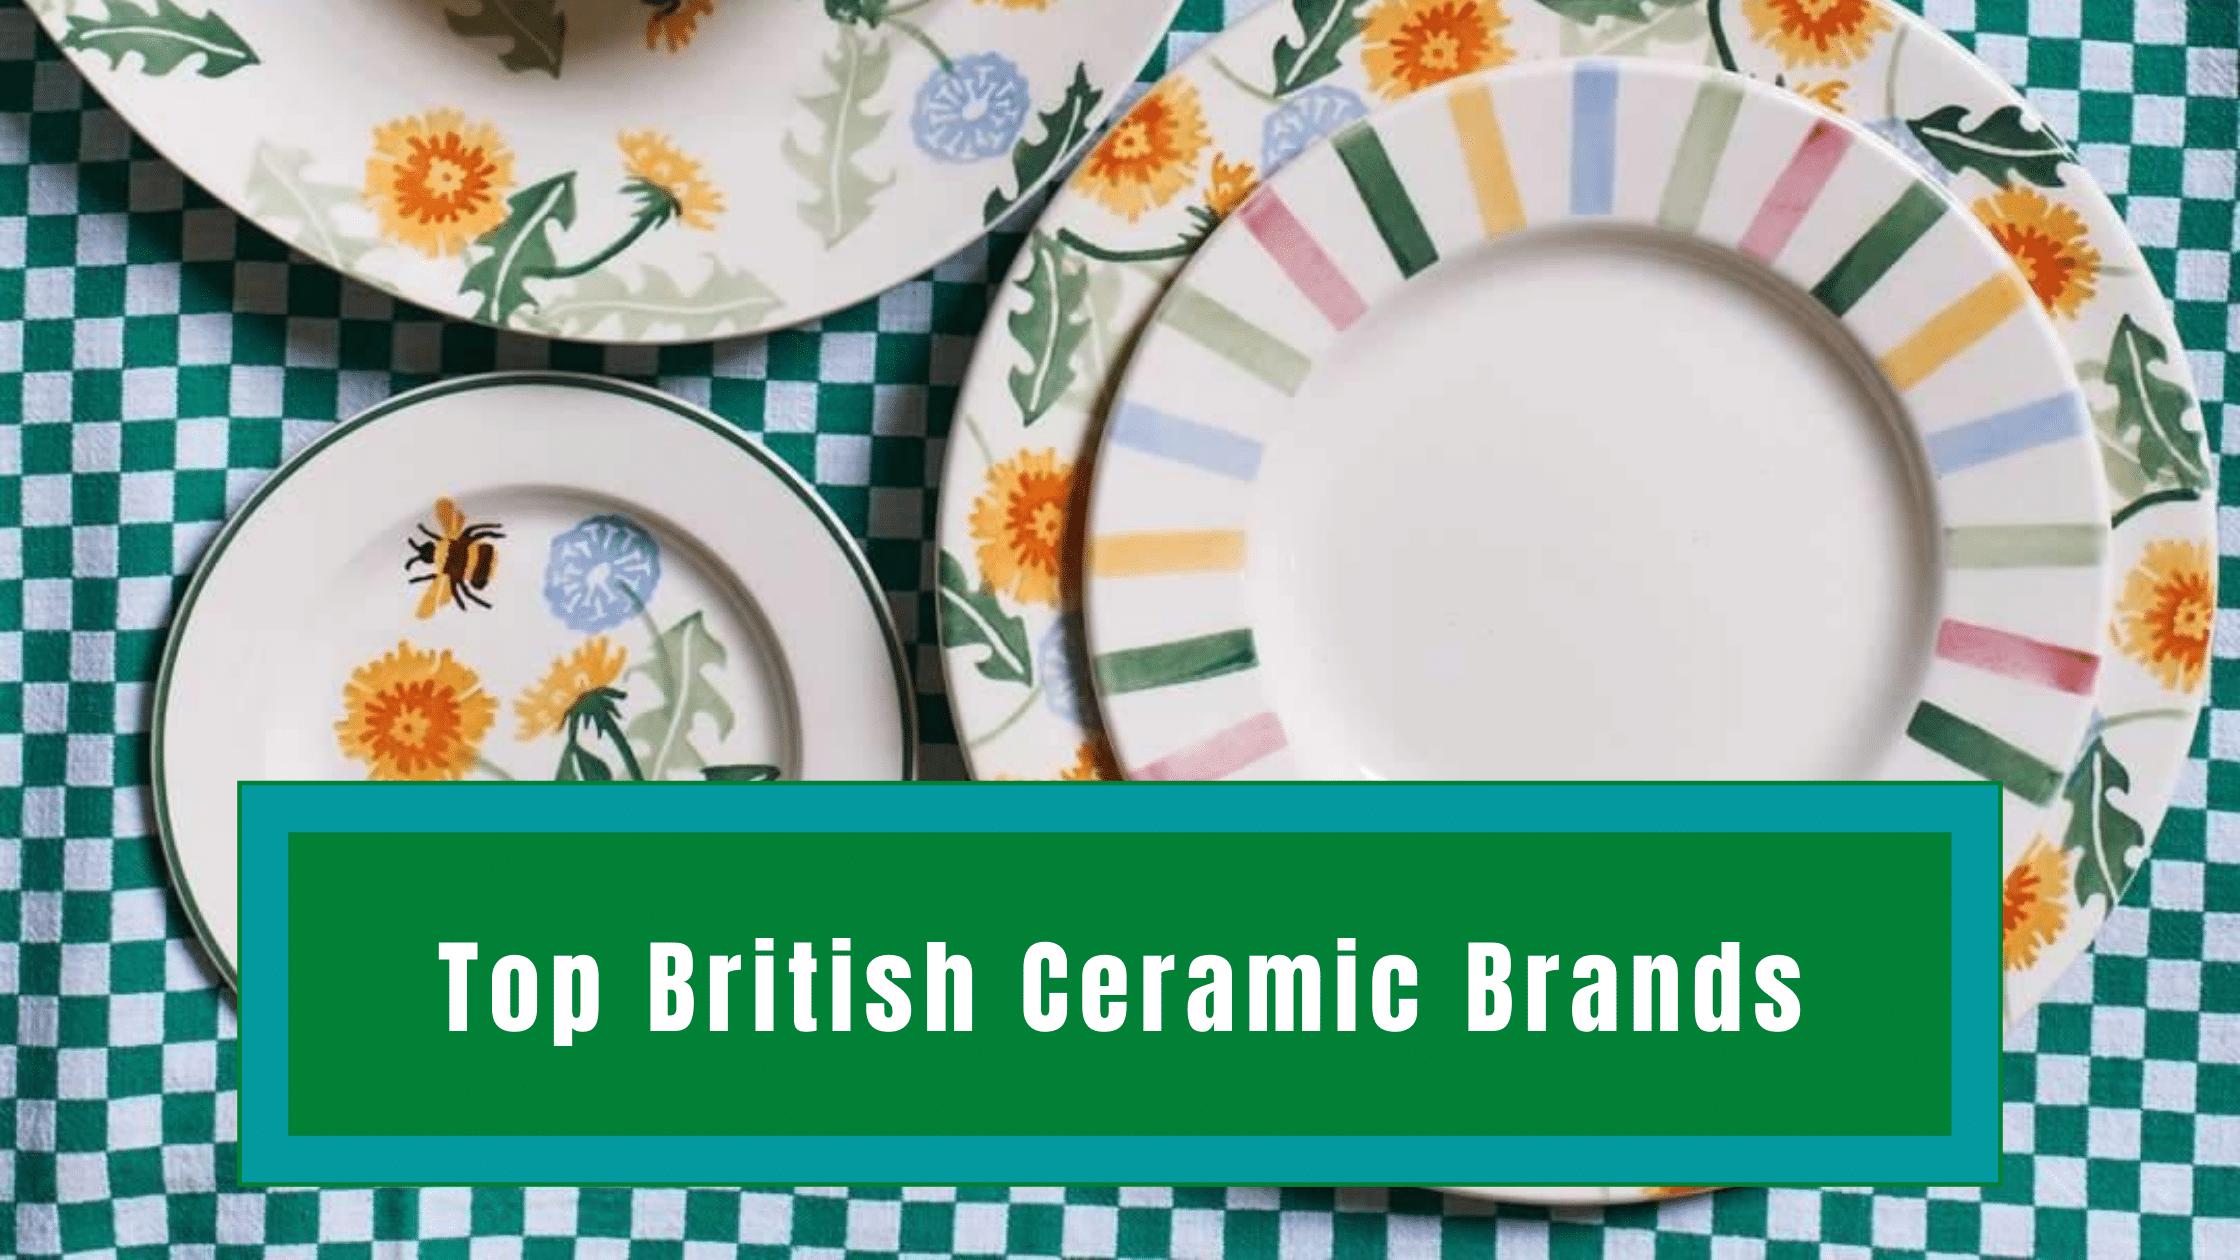 Top British Ceramic Brands